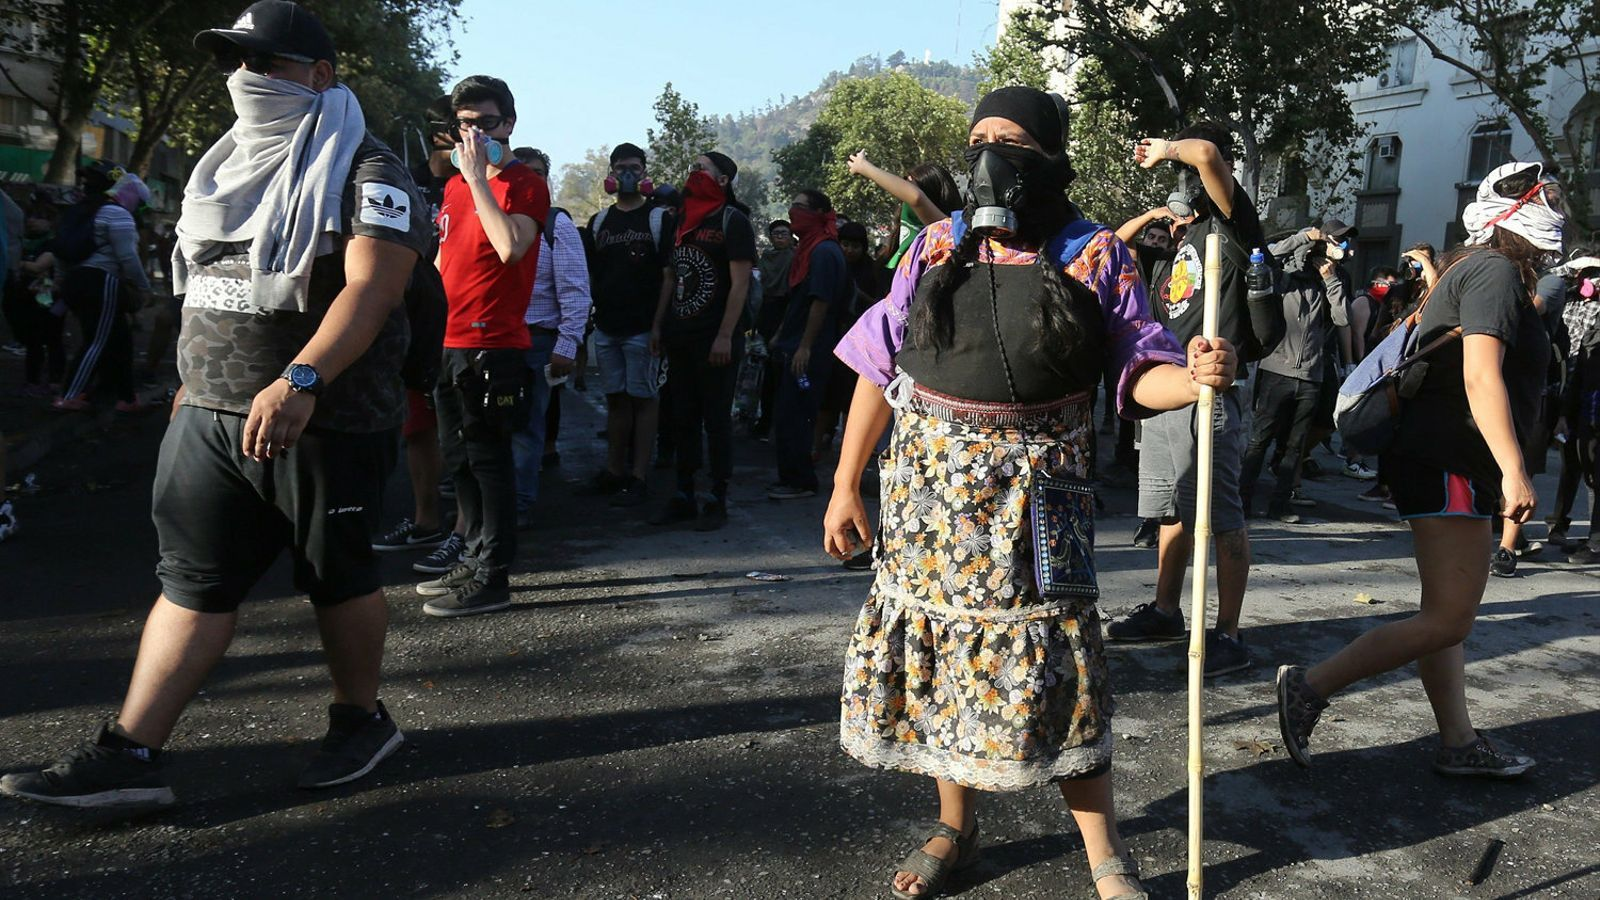 Una dona amb indumentària indígena participant a les protestes contra el govern de Sebastián Piñeira a Santiago de Xile.